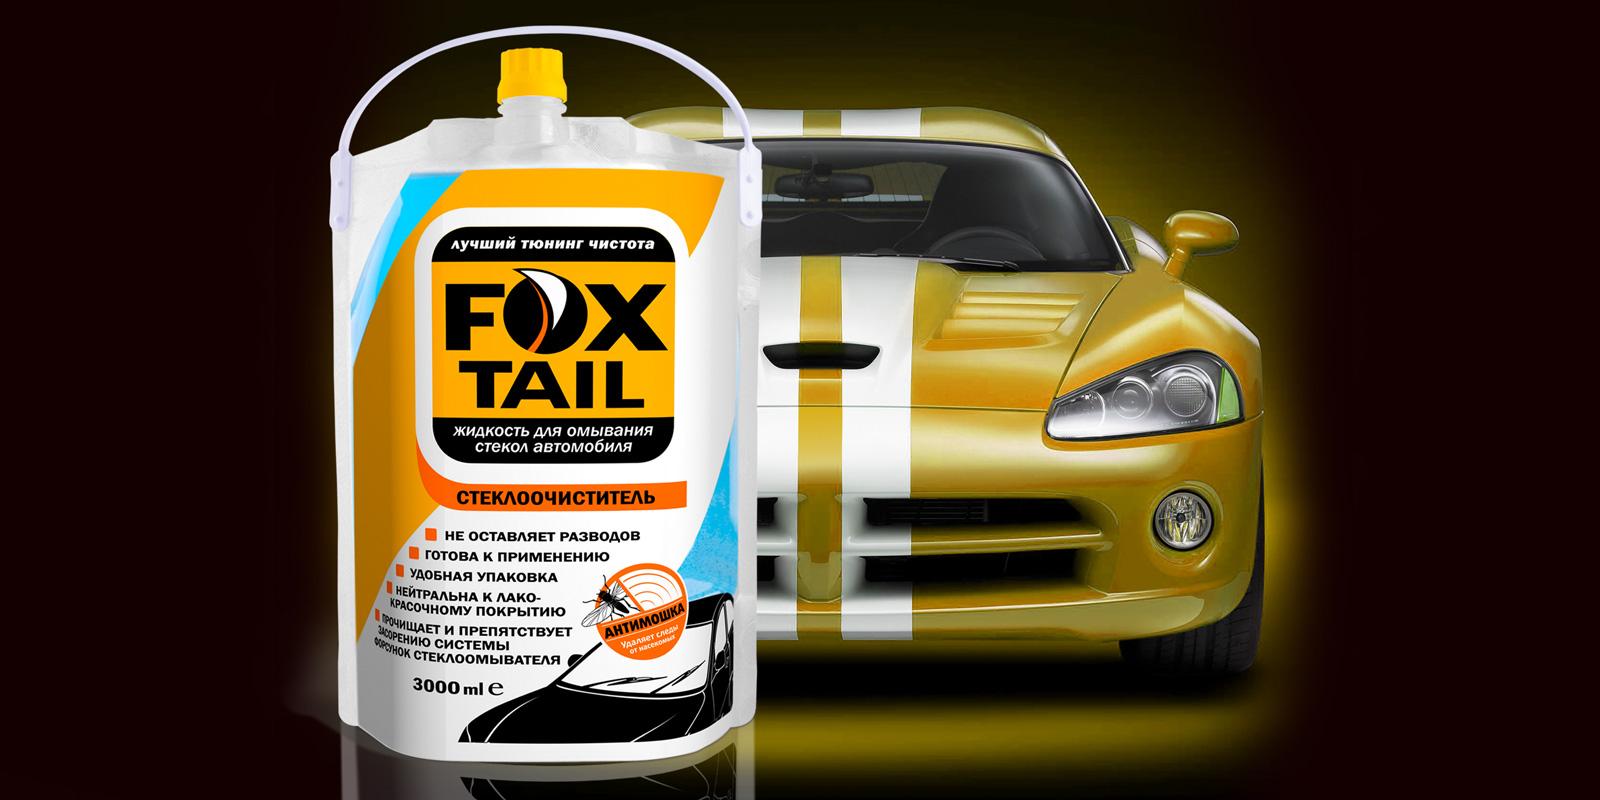 TM «FoxTail»;;;;;;Разработка упаковки (автомобильные стеклоомыватели);;;;;;<span>Клиент:</span> TM «FoxTail»;;;;;;;;;;;;Дизайн упаковки для автомобильной косметики;;;;;; 2 ;;;;;;